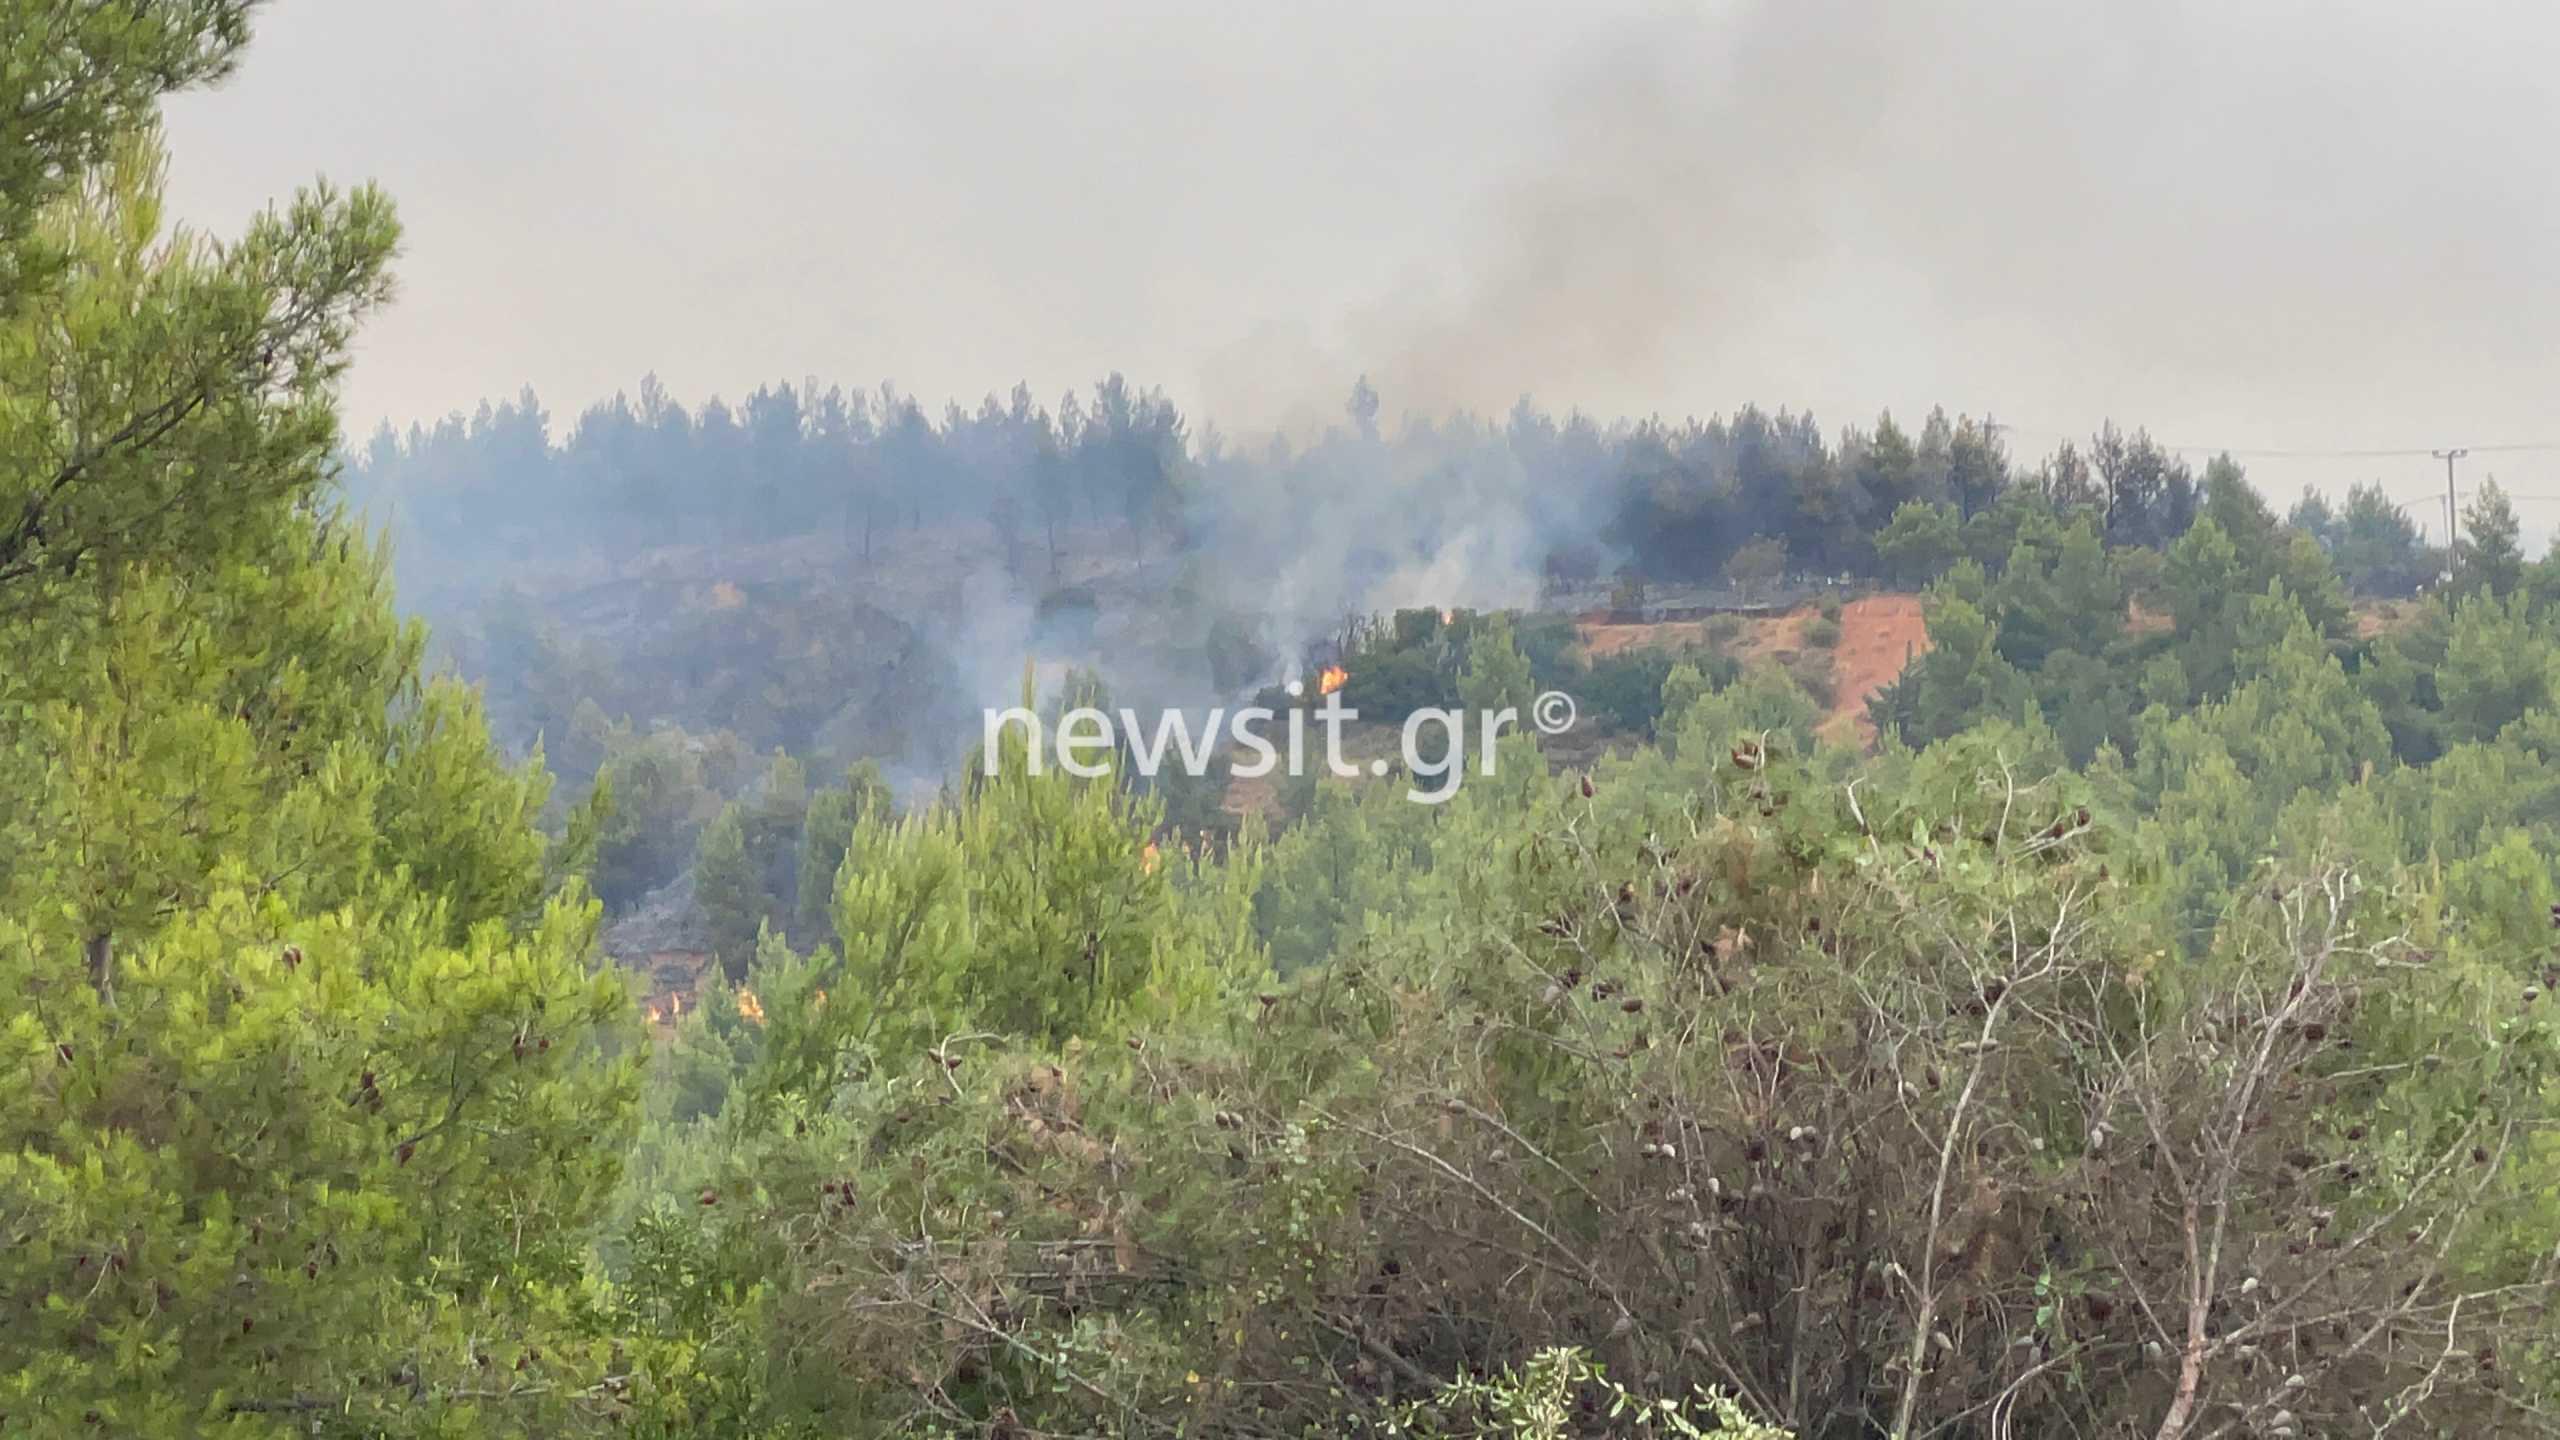 Μήνυμα 112 για την φωτιά στην Αττική – Εκκενώστε Μαλακάσα, Πολυδένδρι και Καπανδρίτι